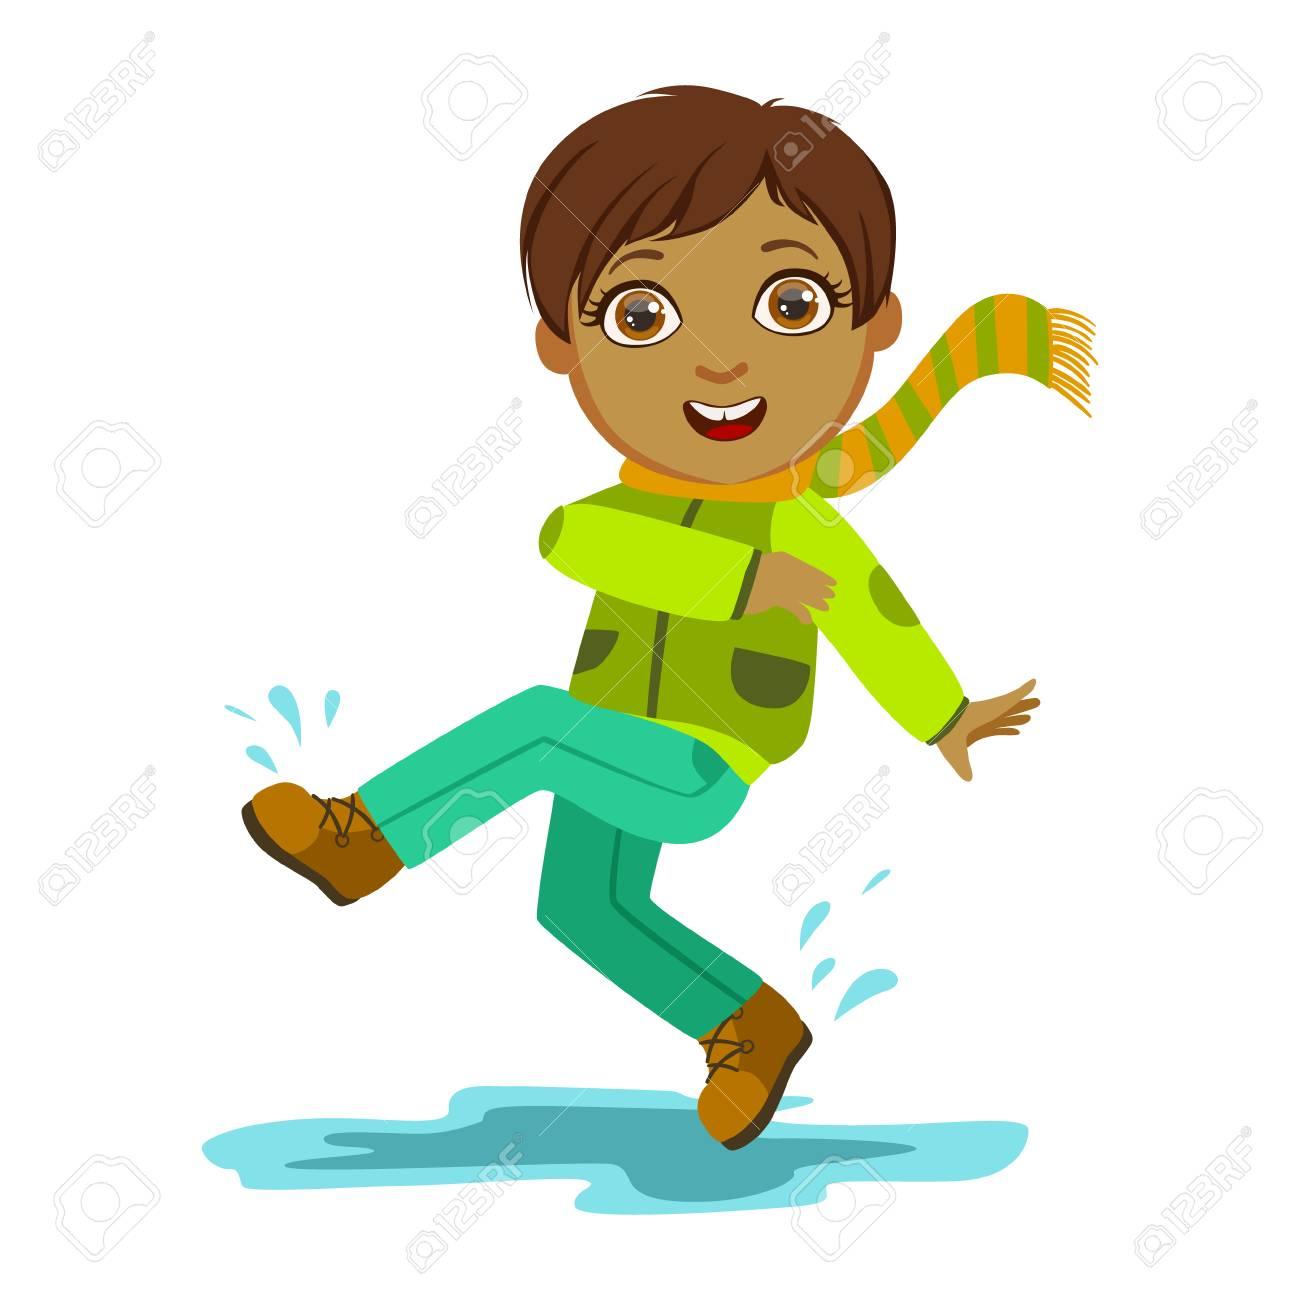 Junge Kicking Wasser Mit Fuß, Kind Im Herbst Kleidung Im Herbst ...